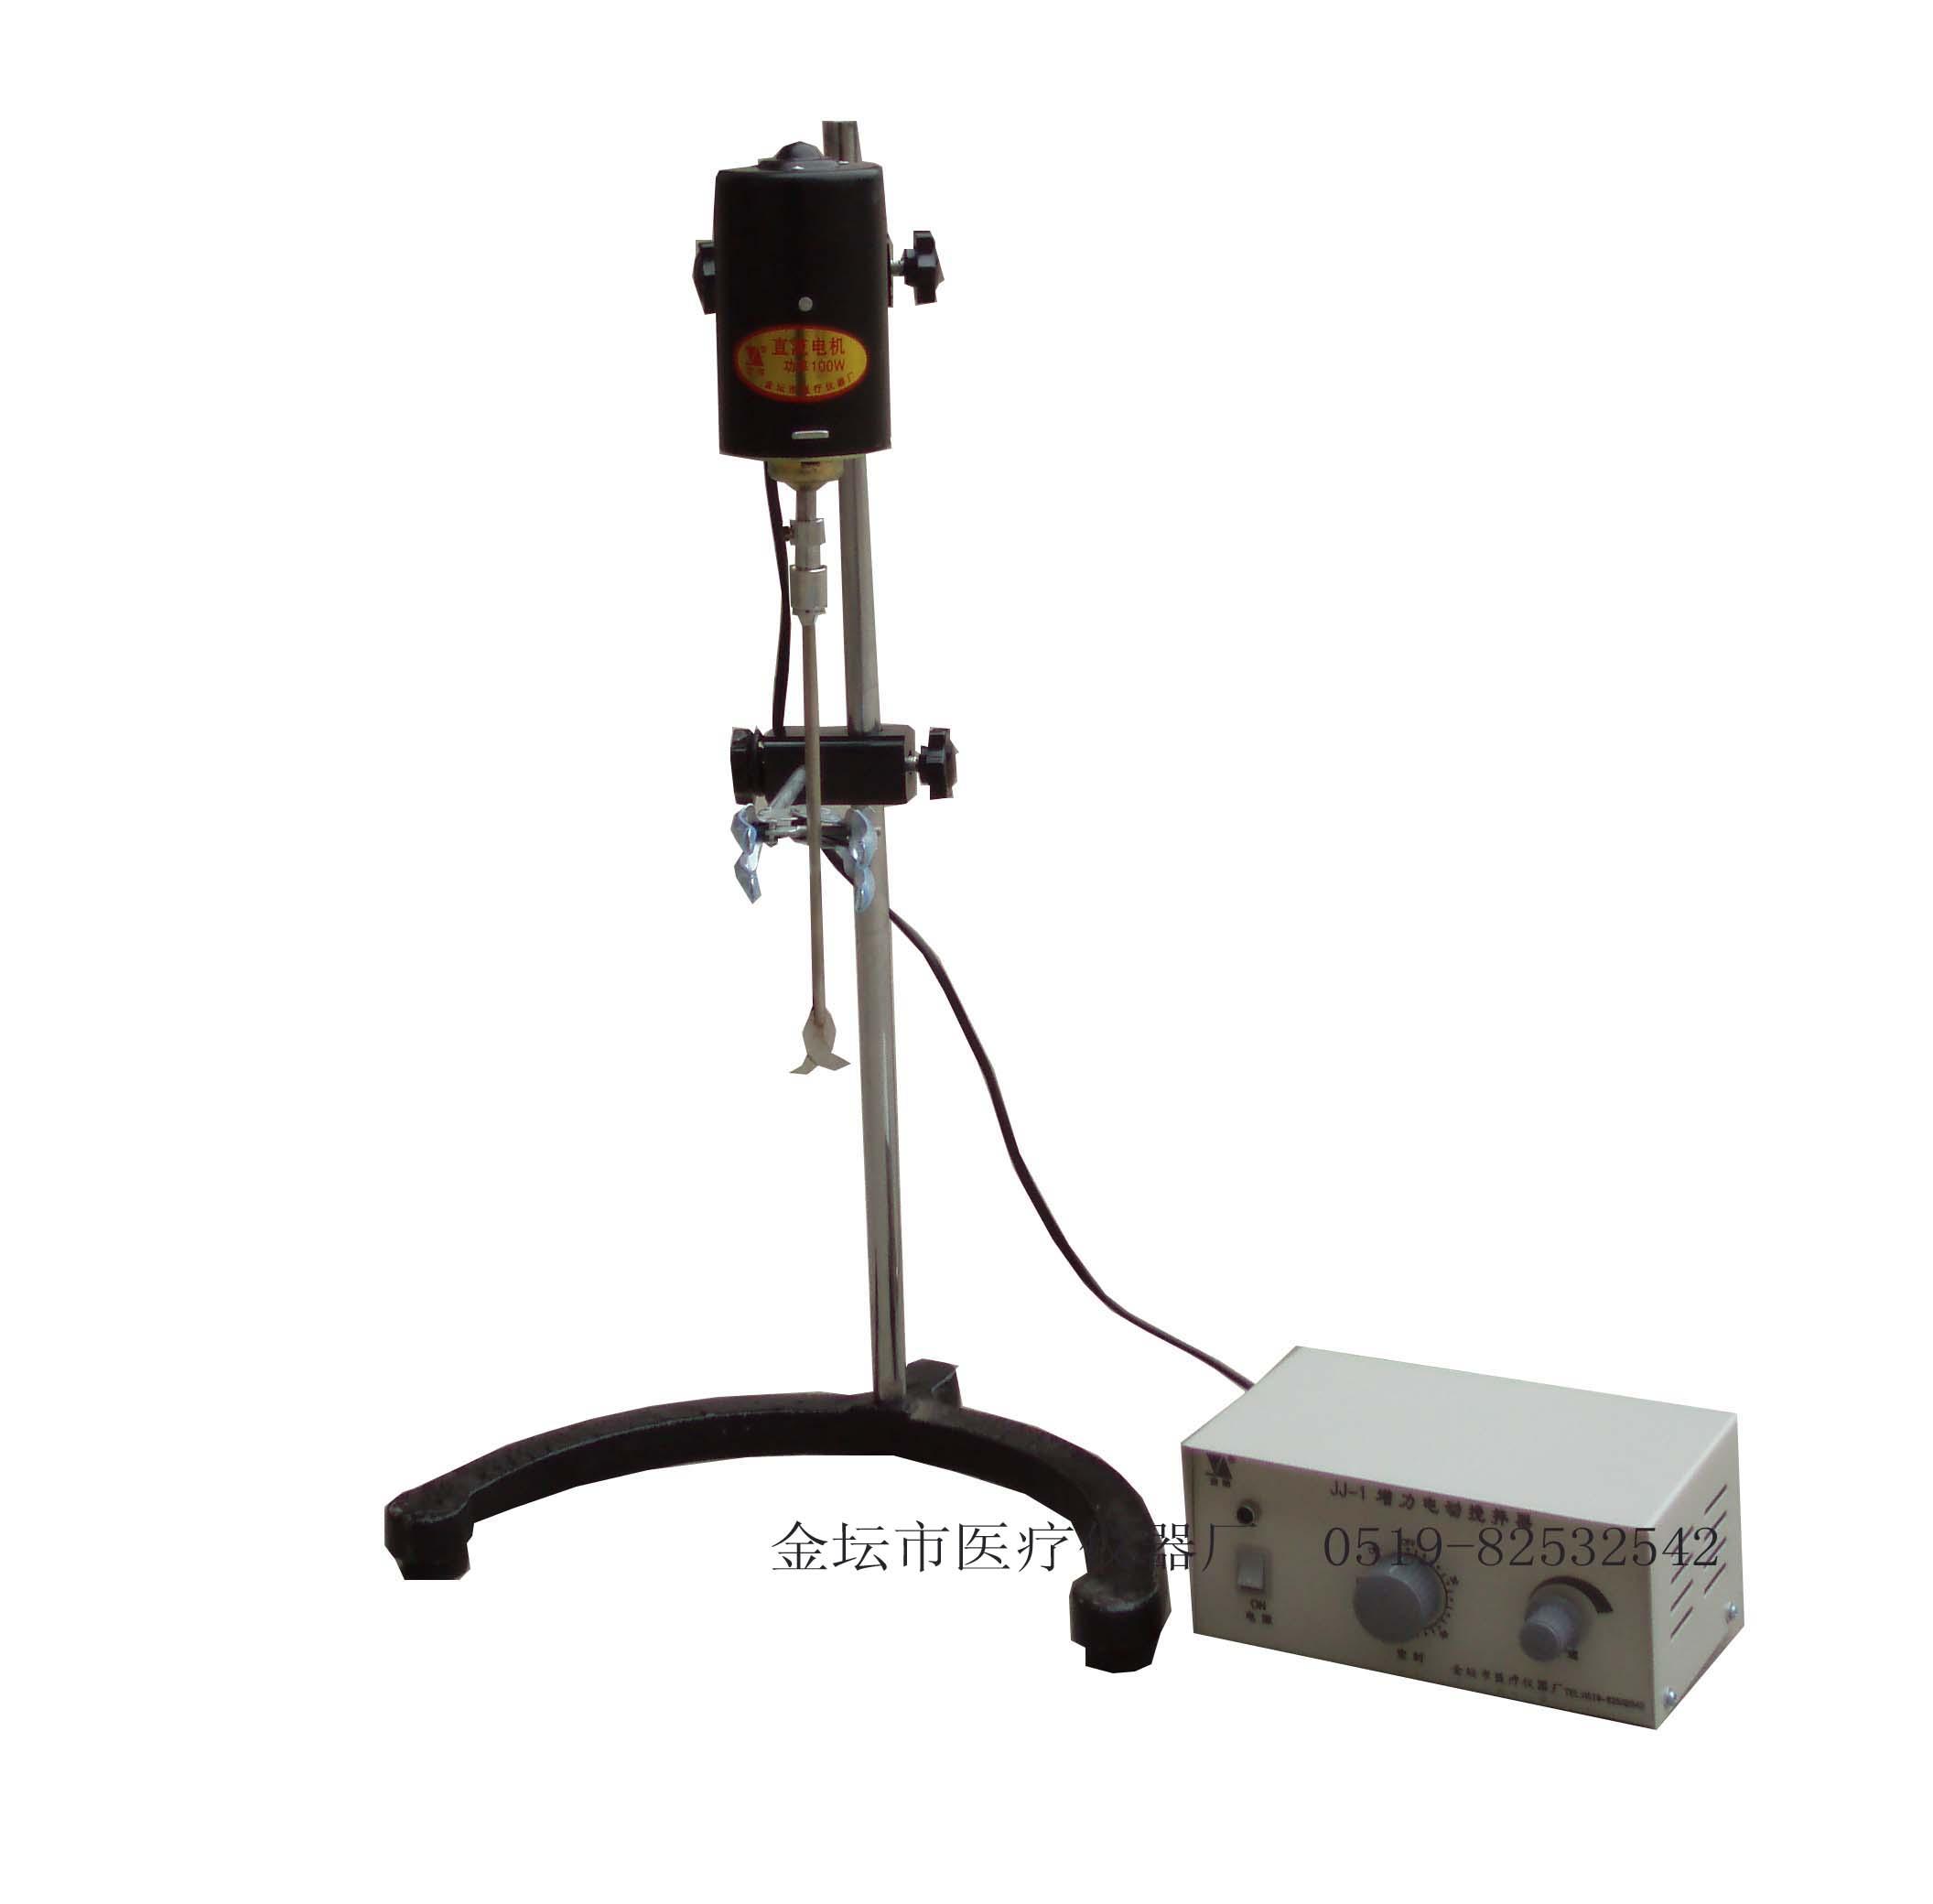 江苏金坛JJ-1 60W增力电动搅拌器